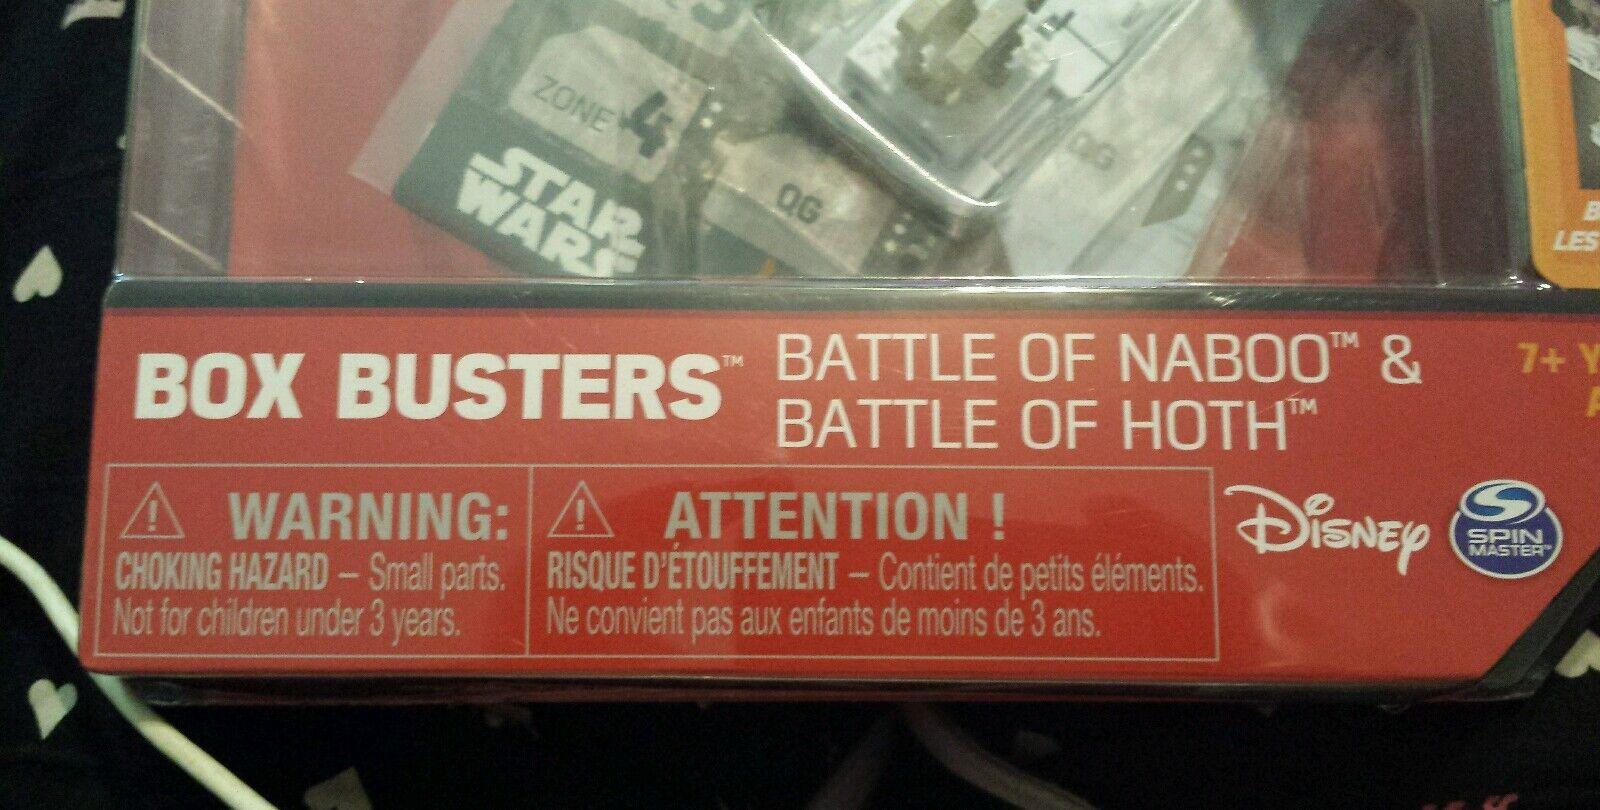 NIB Star Wars Box Busters Battle of Naboo Naboo Naboo & Battle of Hoth 0555ae